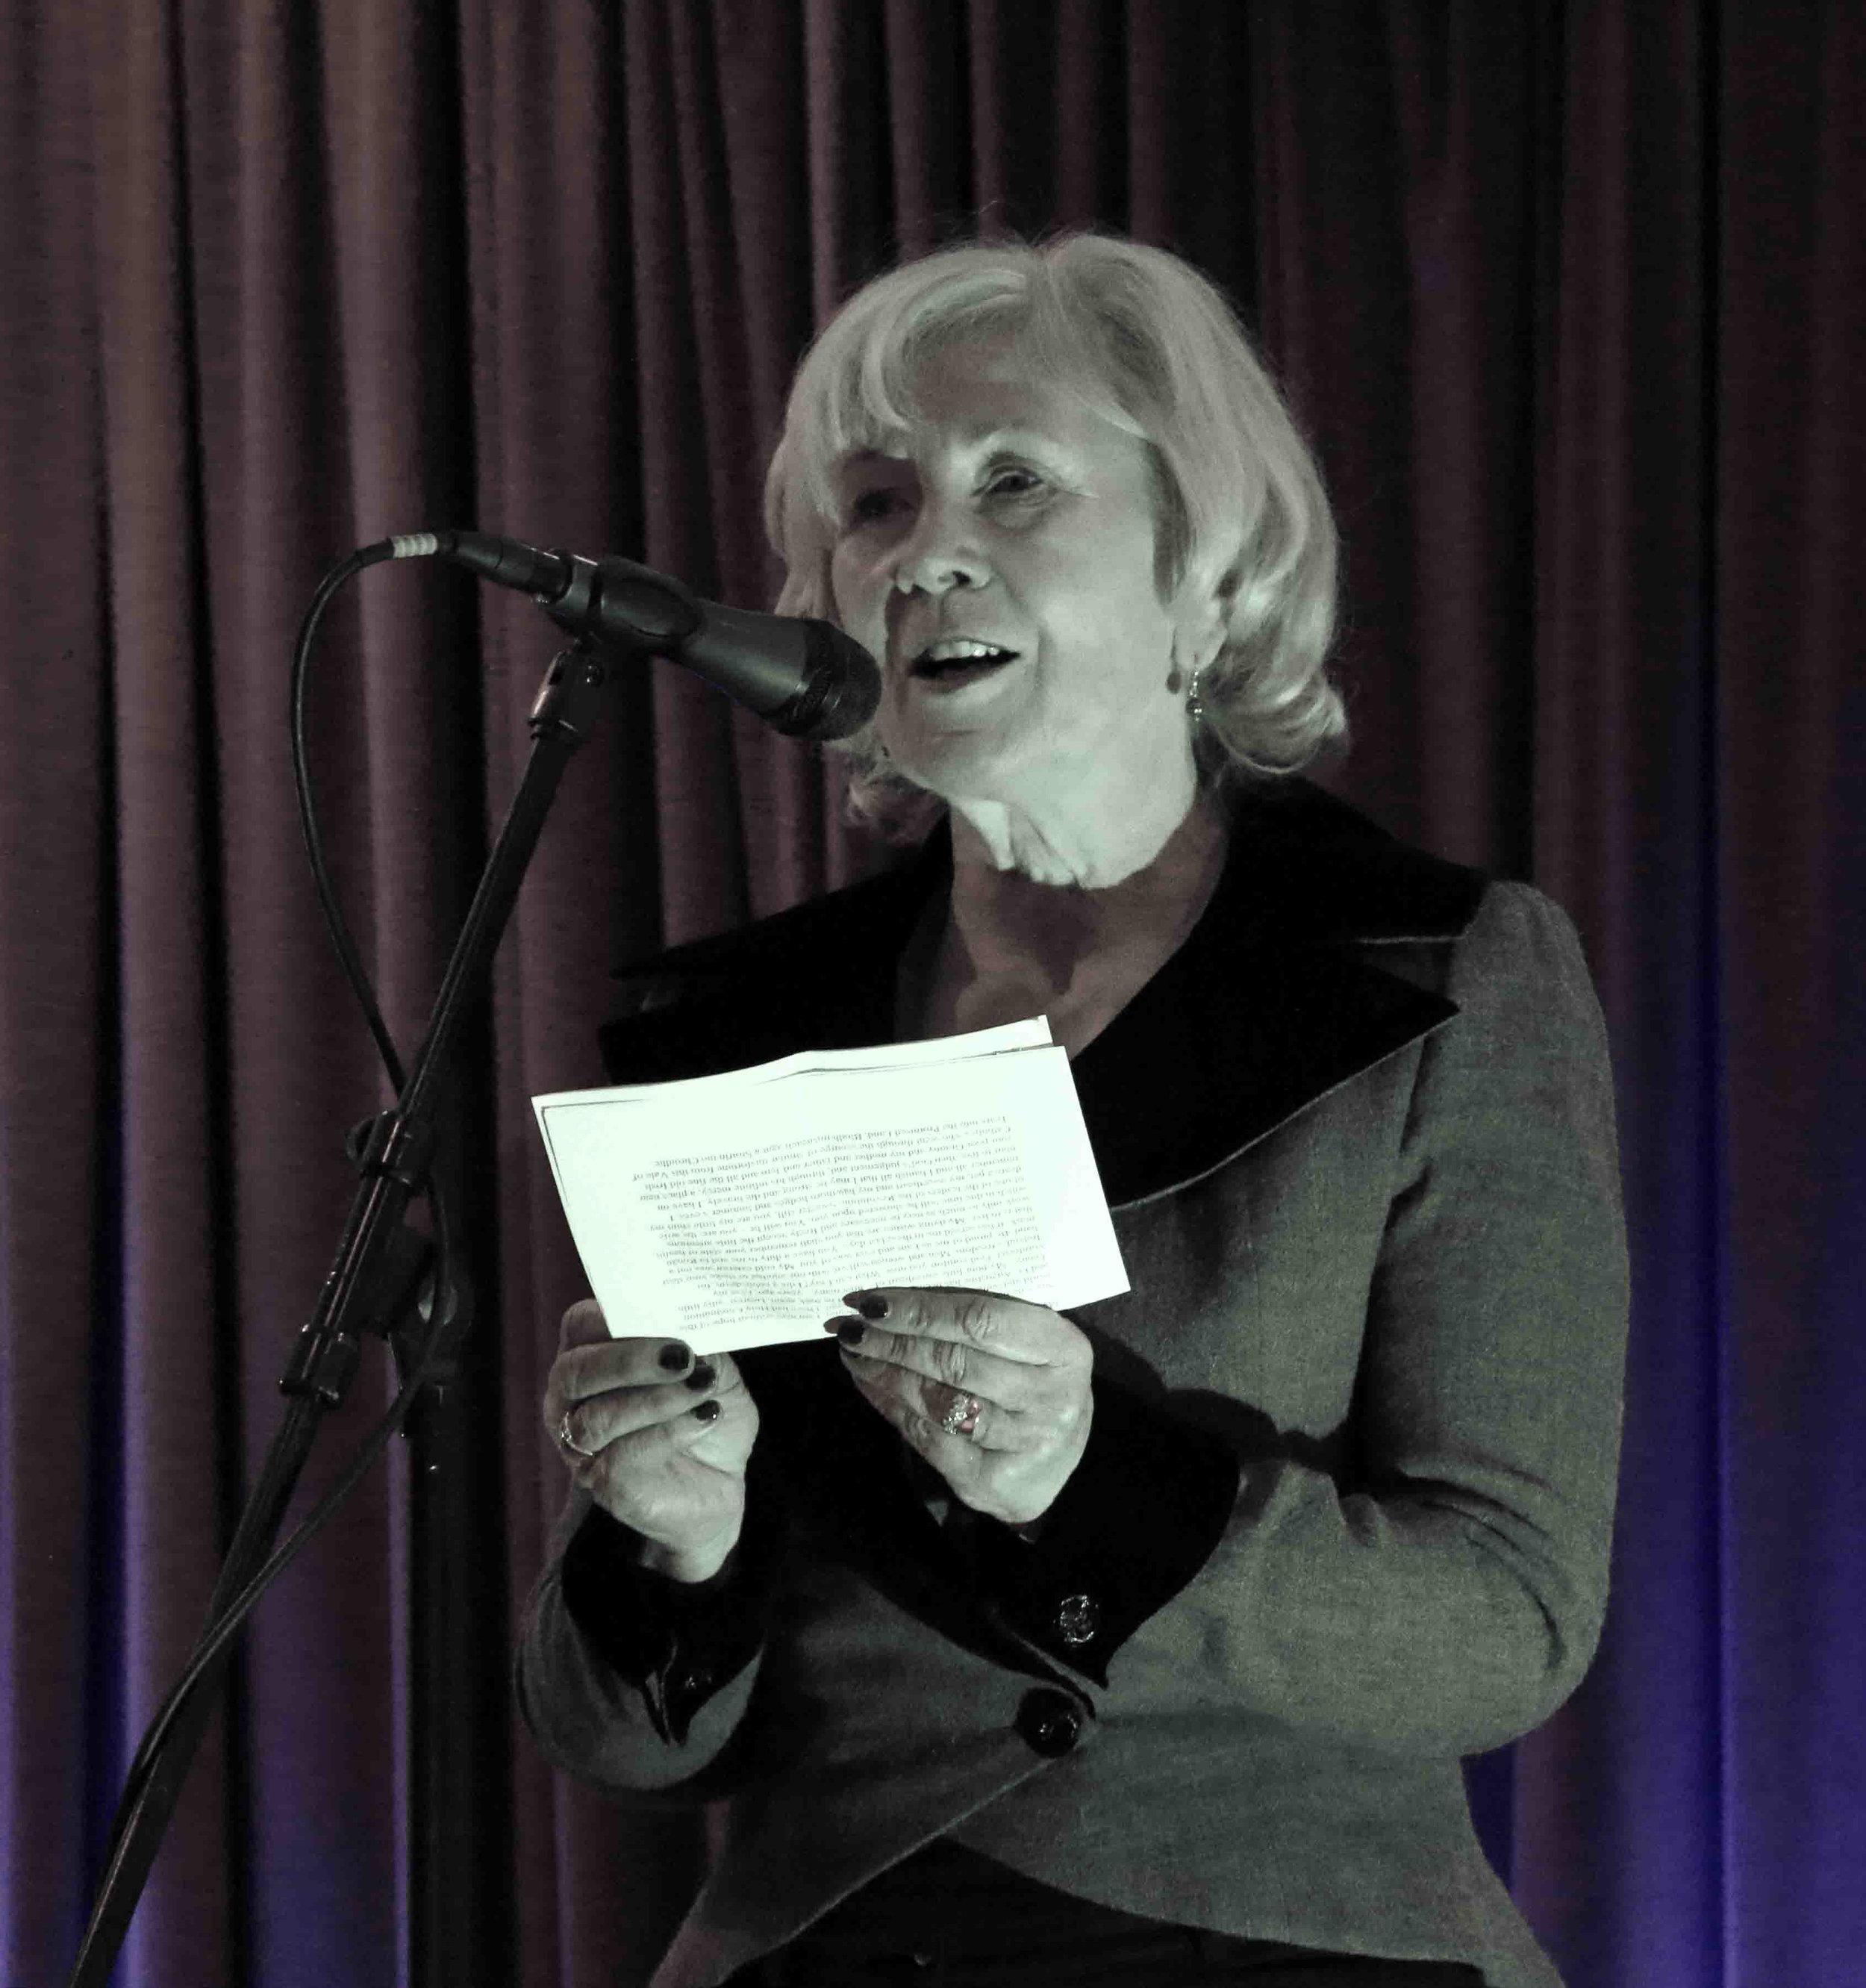 Comóradh Éamonn Ceannt - Allingham Festival 2016 - Friday Nov. 4th - Dorrian's Hotel-13.jpg